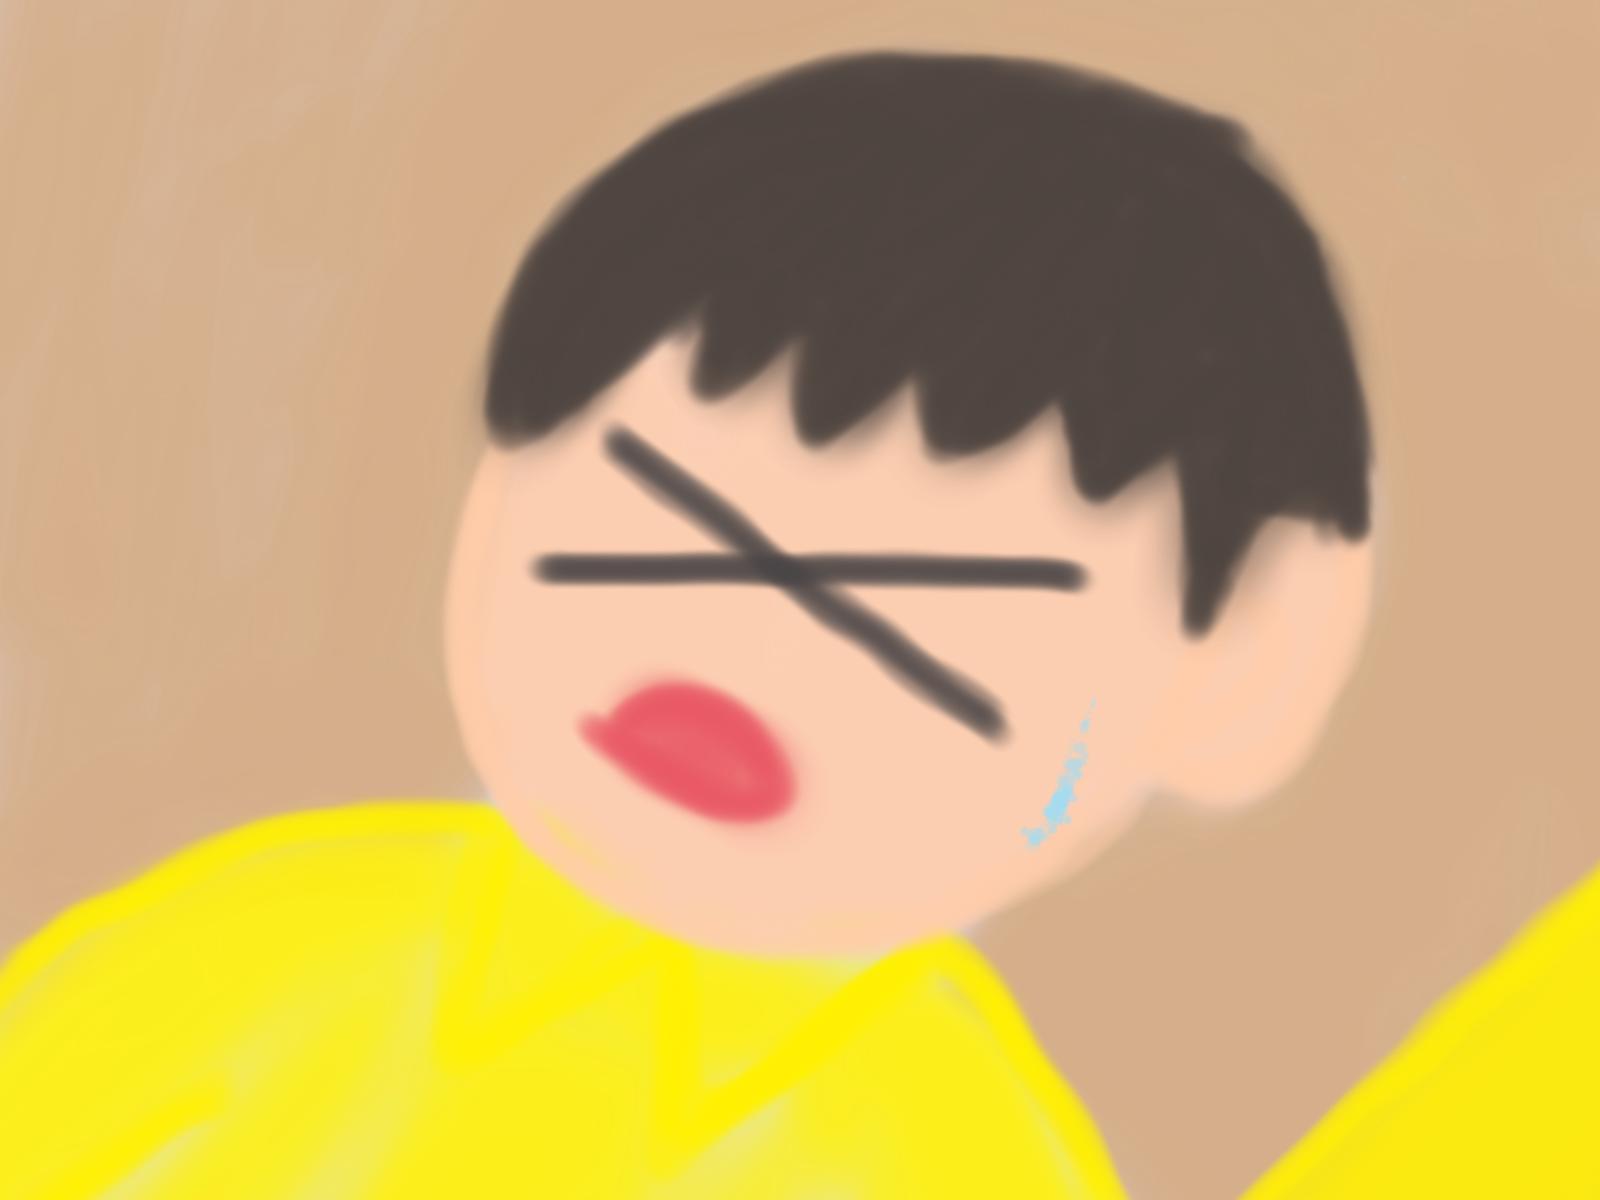 辛苦の表情